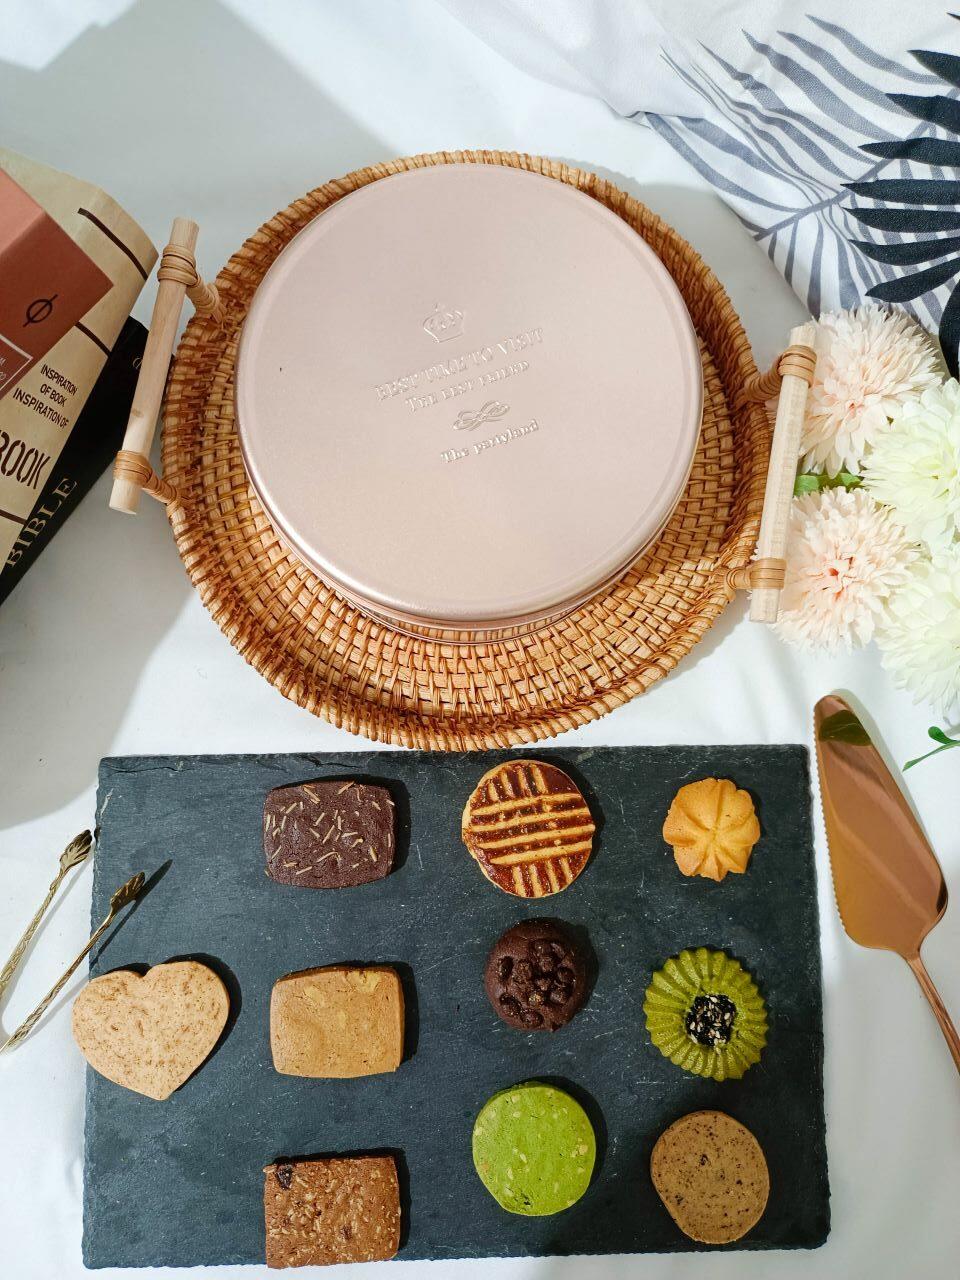 輕鬆點輕鬆買來自台南優質的手工餅乾禮盒宅配直接幫您配送到家(客制化禮盒)-秉醇烘焙坊(入選台南百家好店) @Nancy將的生活筆計本